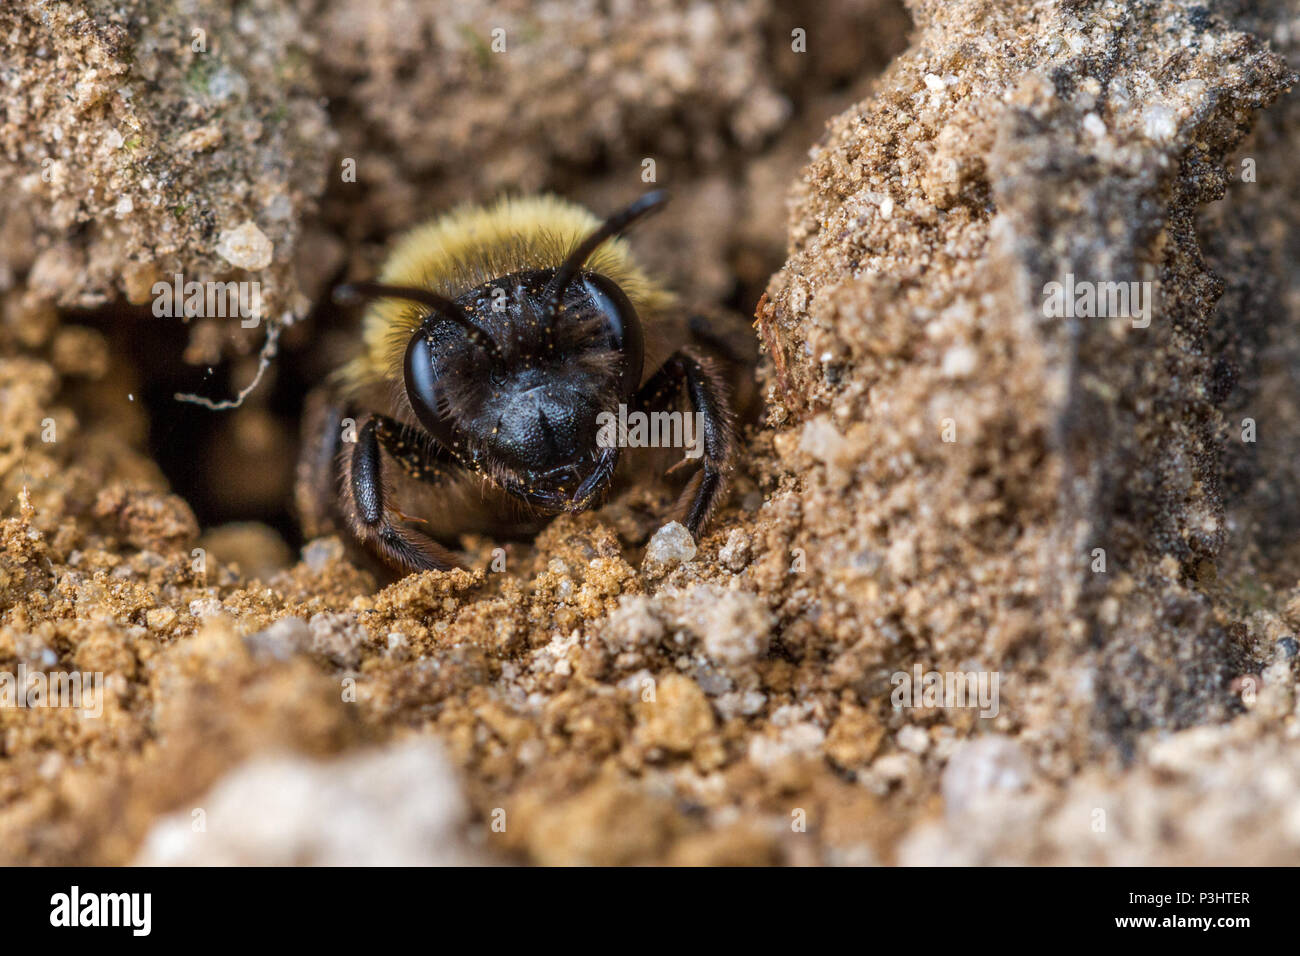 Royaume-uni: la faune l'exploitation minière au chocolat (abeille Andrena scotica) à l'entrée d'un tunnel de sable nest Photo Stock